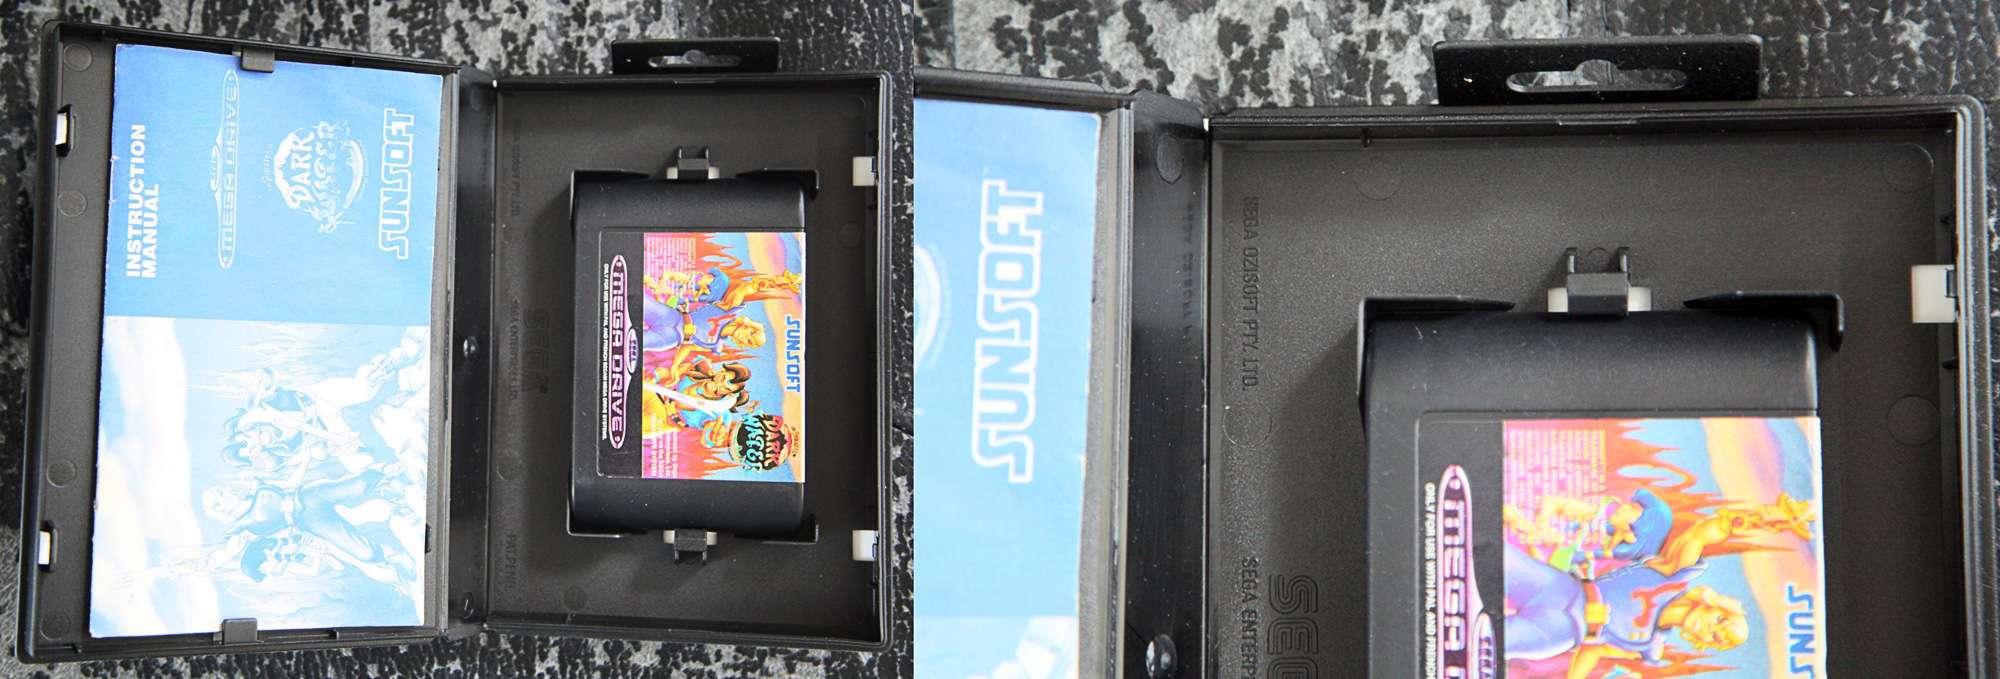 Les differents boitiers de jeux Megadrive 840726ozi10